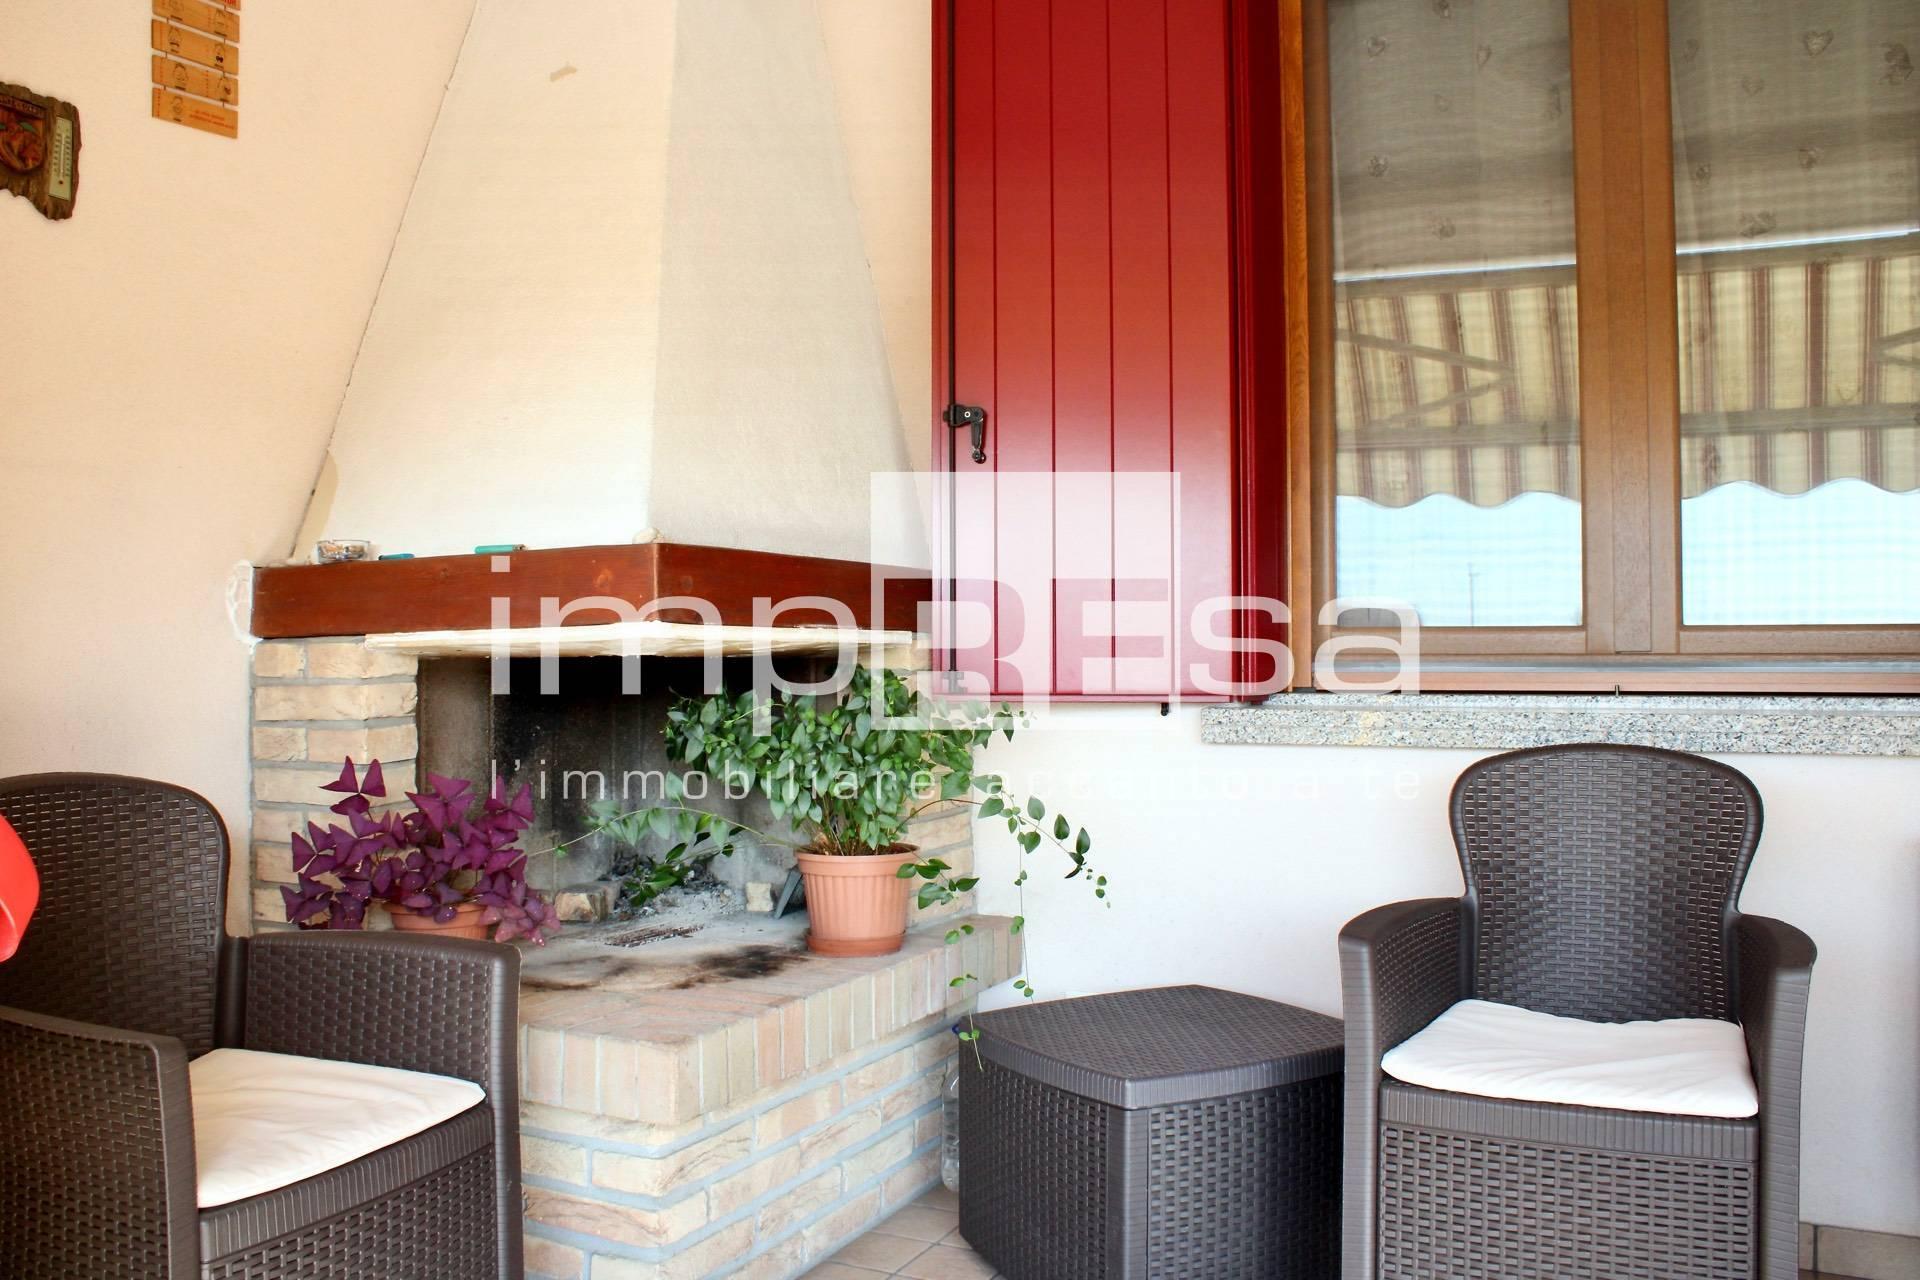 Appartamento in vendita a Porcia, 4 locali, zona Località: S.Antonio, prezzo € 110.000 | PortaleAgenzieImmobiliari.it